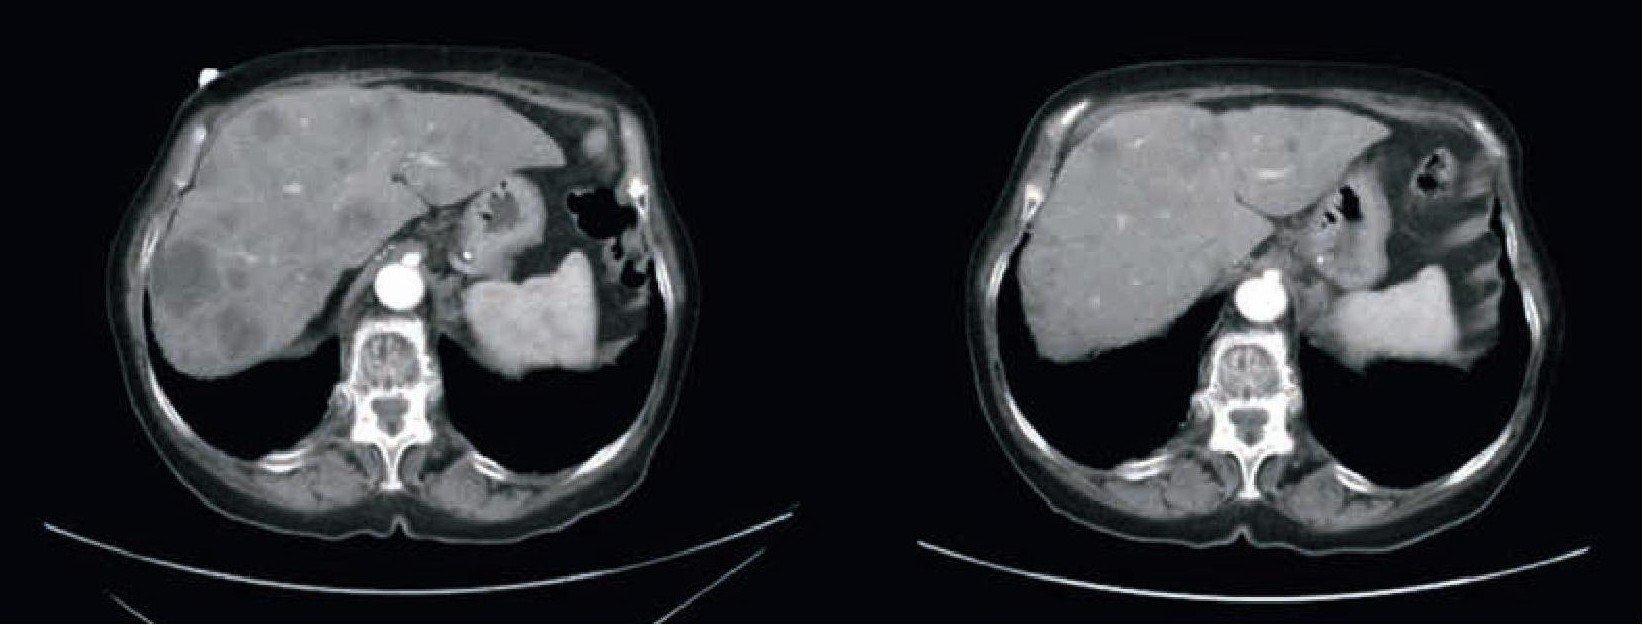 Figura 1. Metastasi epatiche prima (a sinistra) e dopo (a destra) i primi 3 cicli di terapia con doxorubicina liposomiale non pegilata.